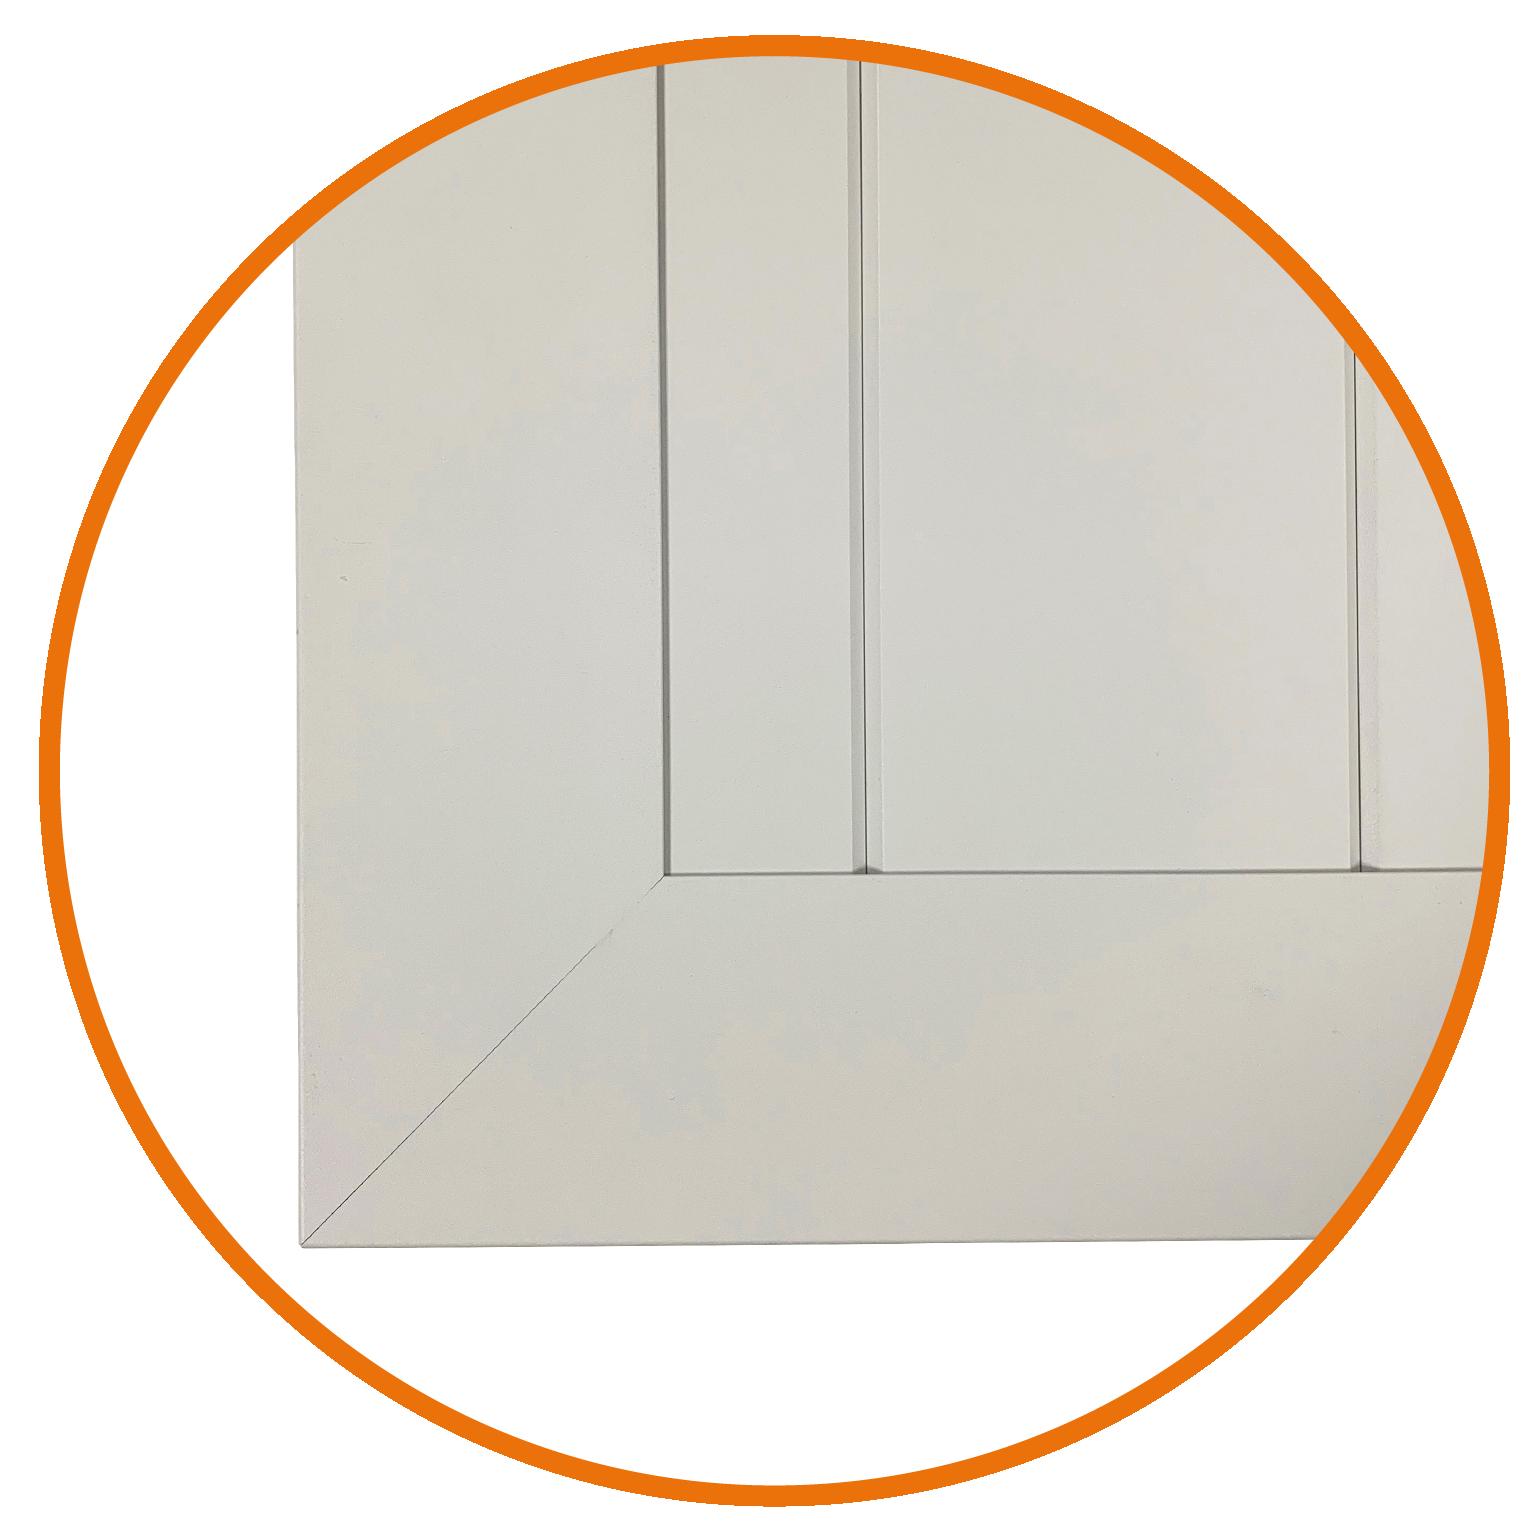 Modèle présenté : ISOS CA avec rainurage vertical.